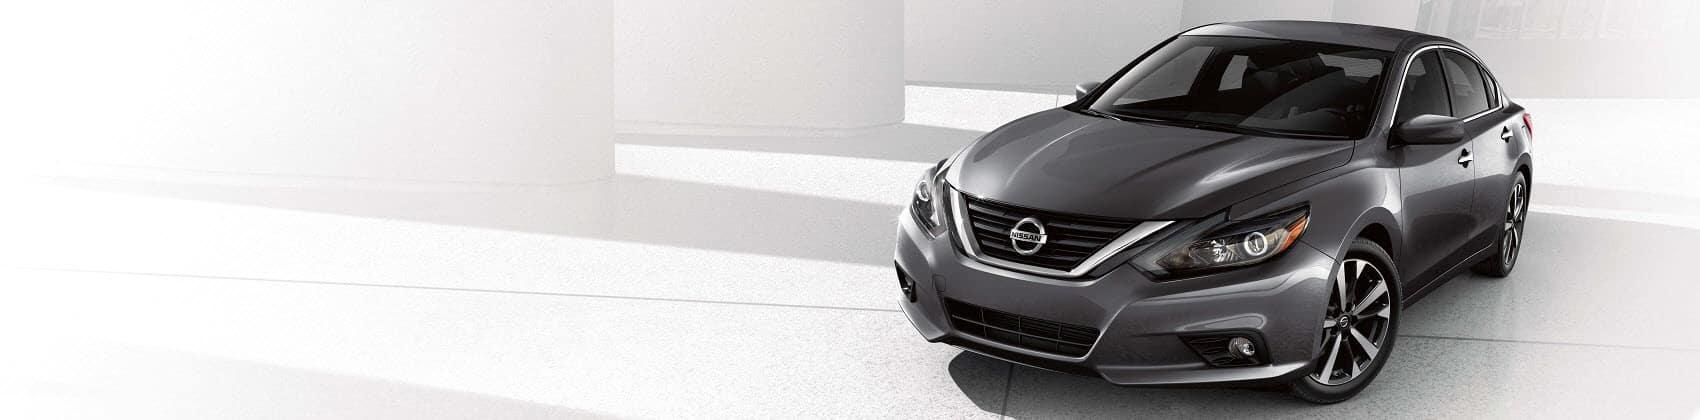 Nissan Altima Brilliant Silver